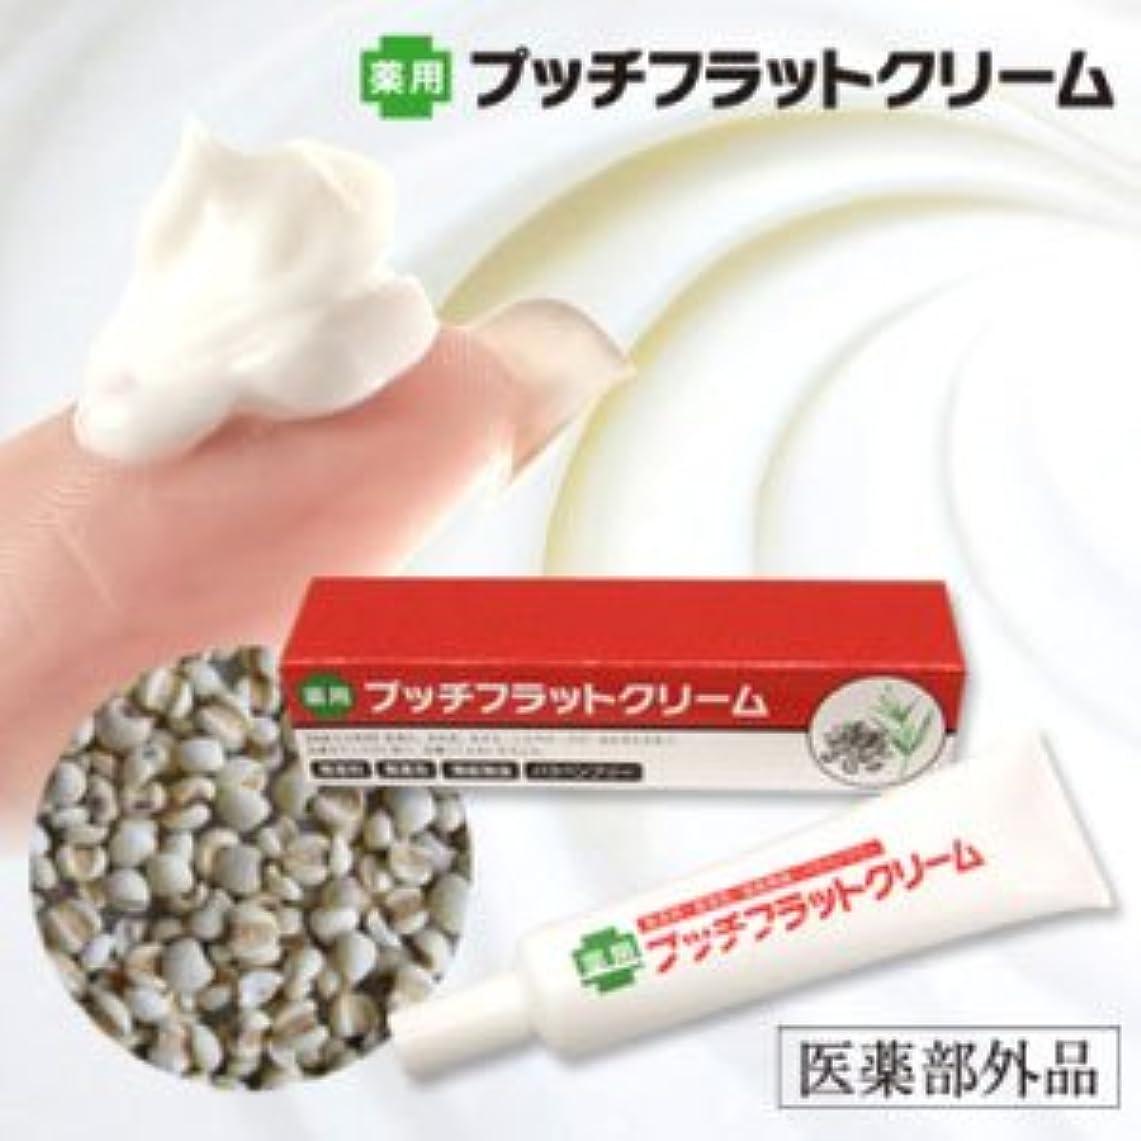 有害なゆでる講義薬用プッチフラットクリーム(医薬部外品)